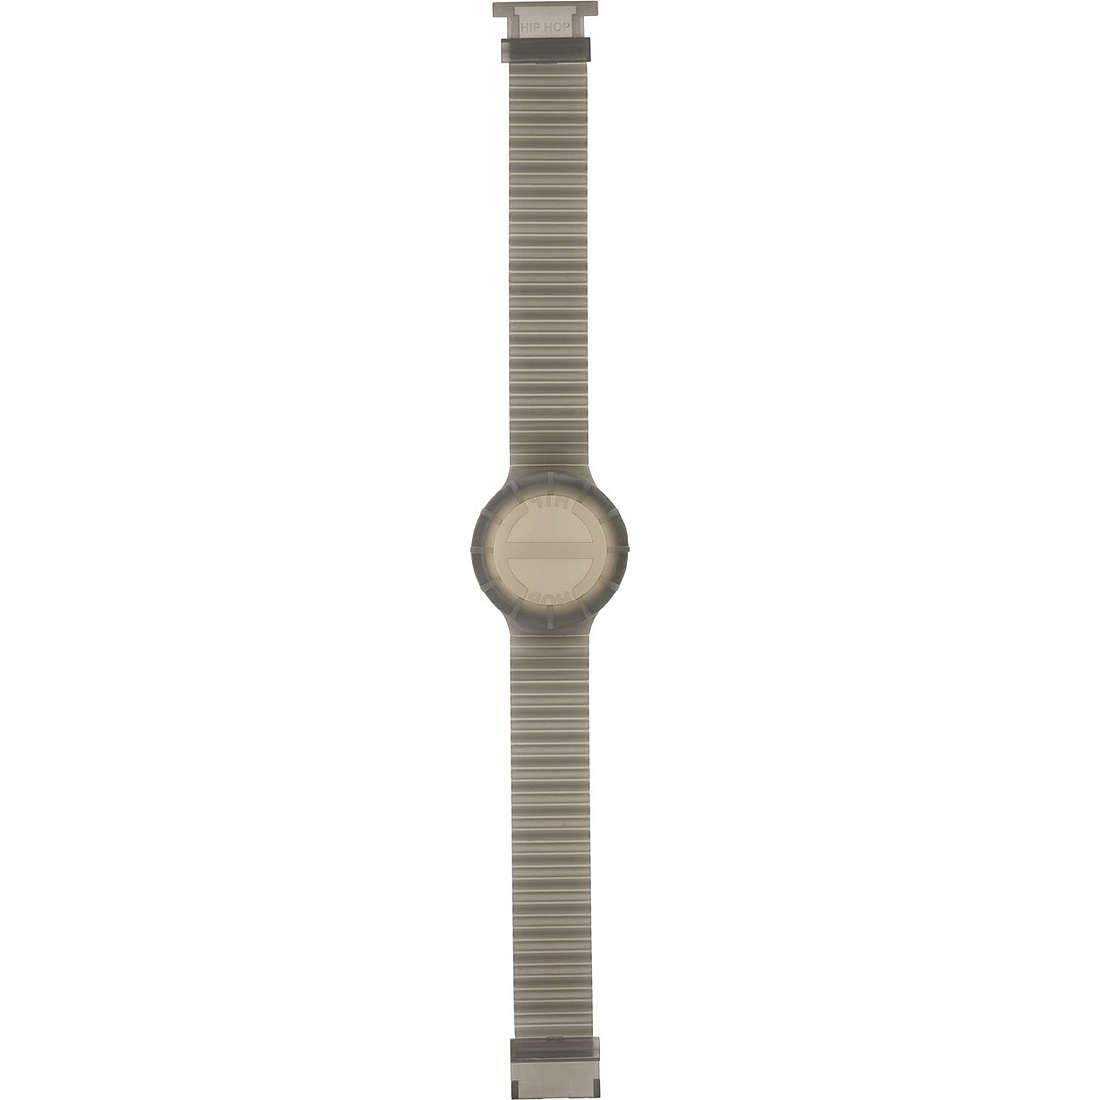 montre accessoire unisex Hip Hop HBU0109